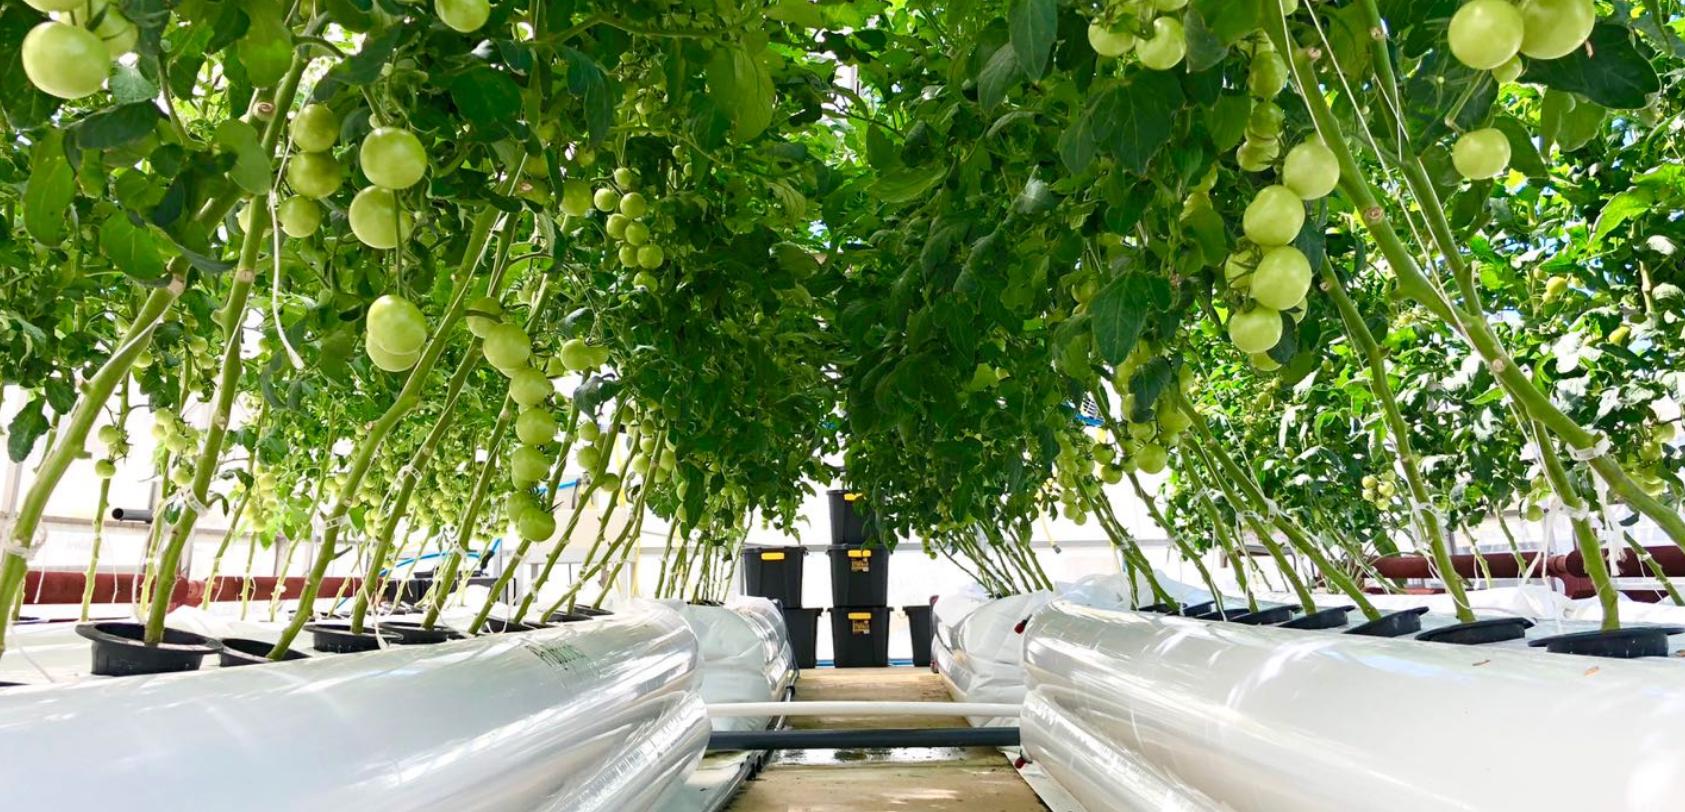 phytoponics greenhouse hydroponics.png